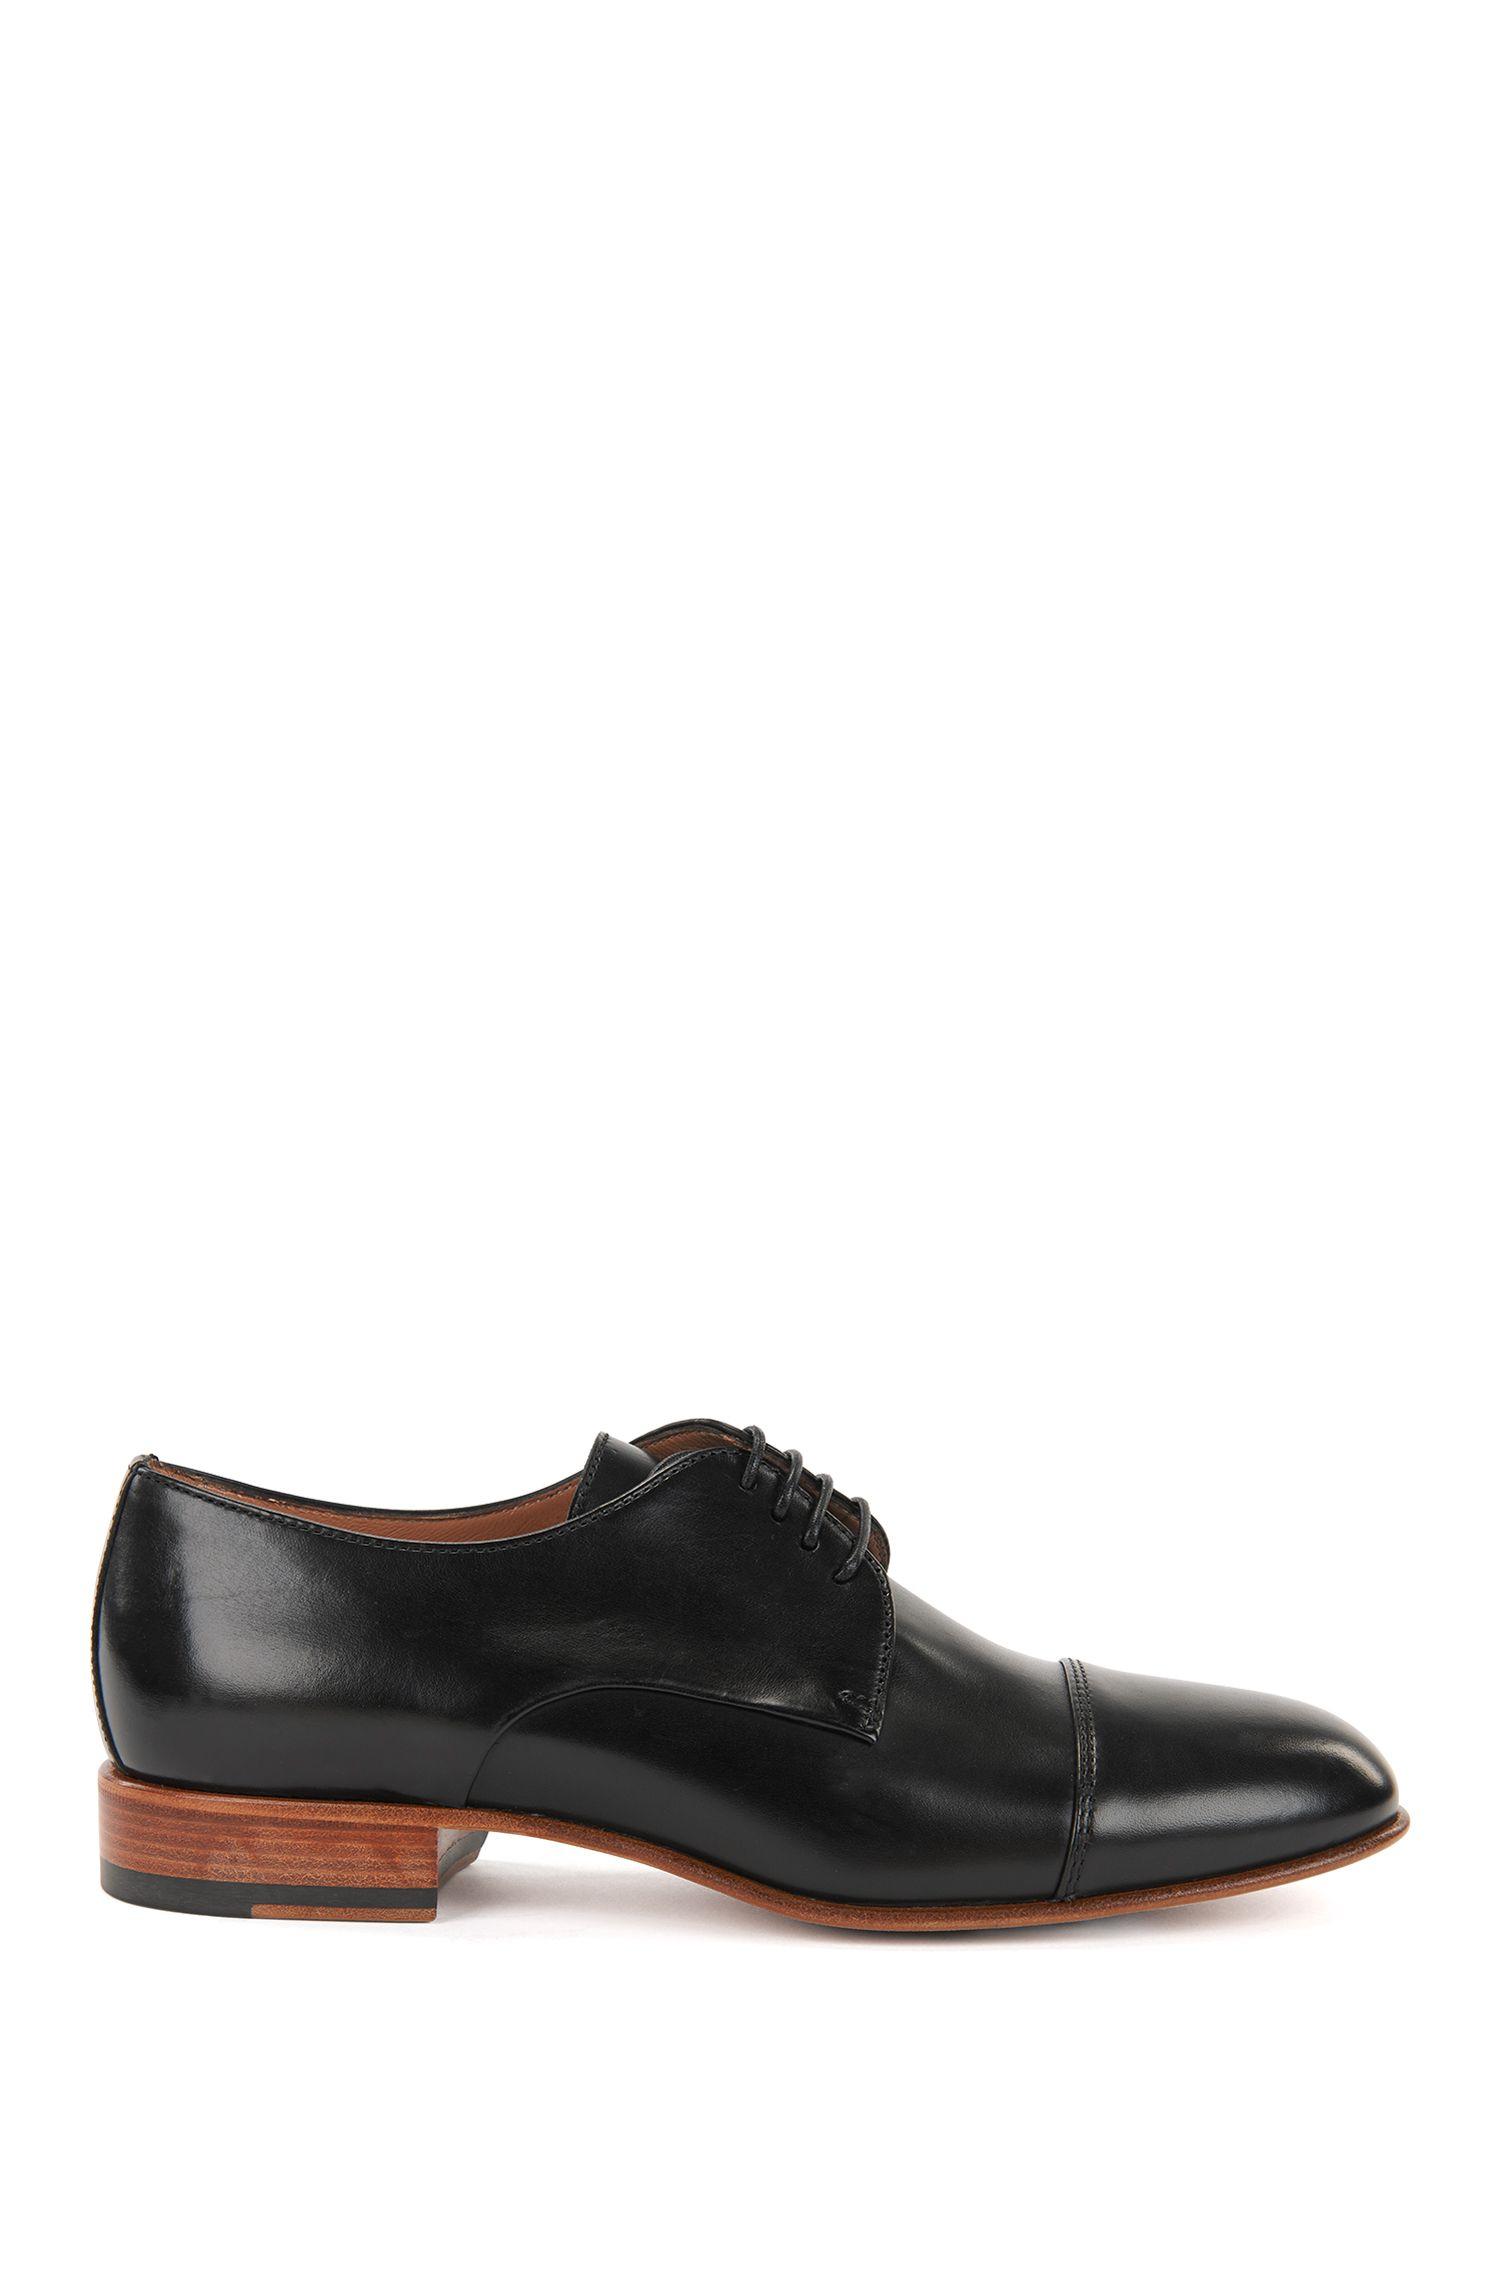 Zapatos derby en piel de becerro italiana